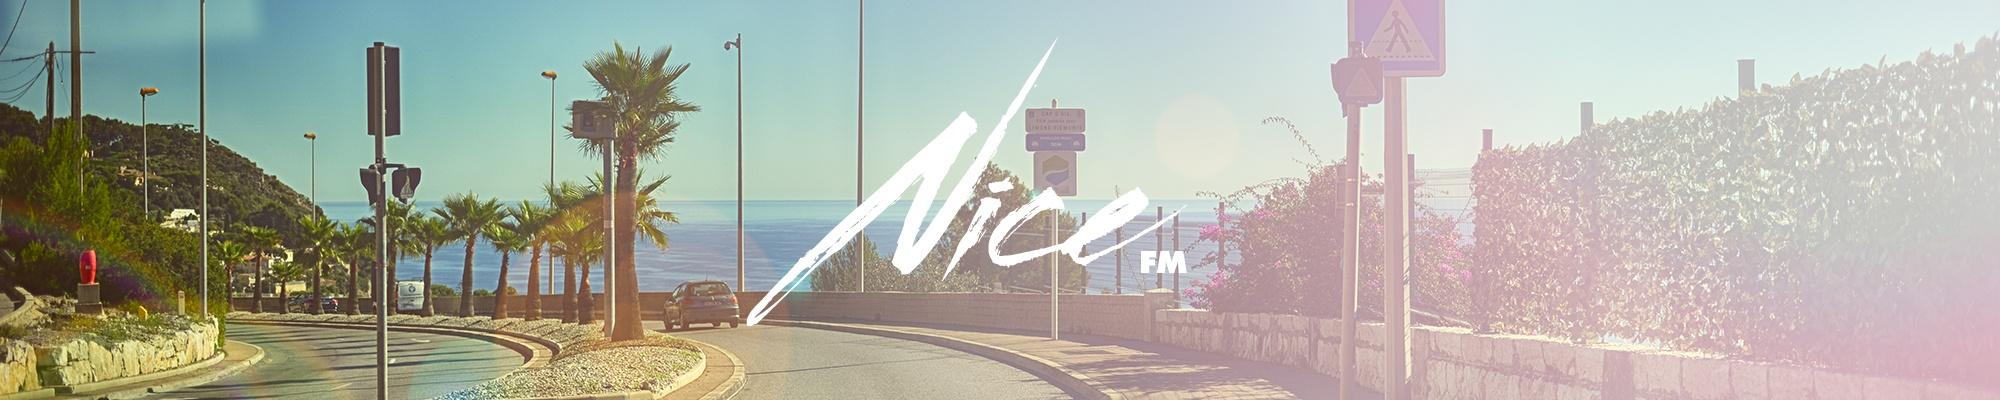 NiceFM Cover